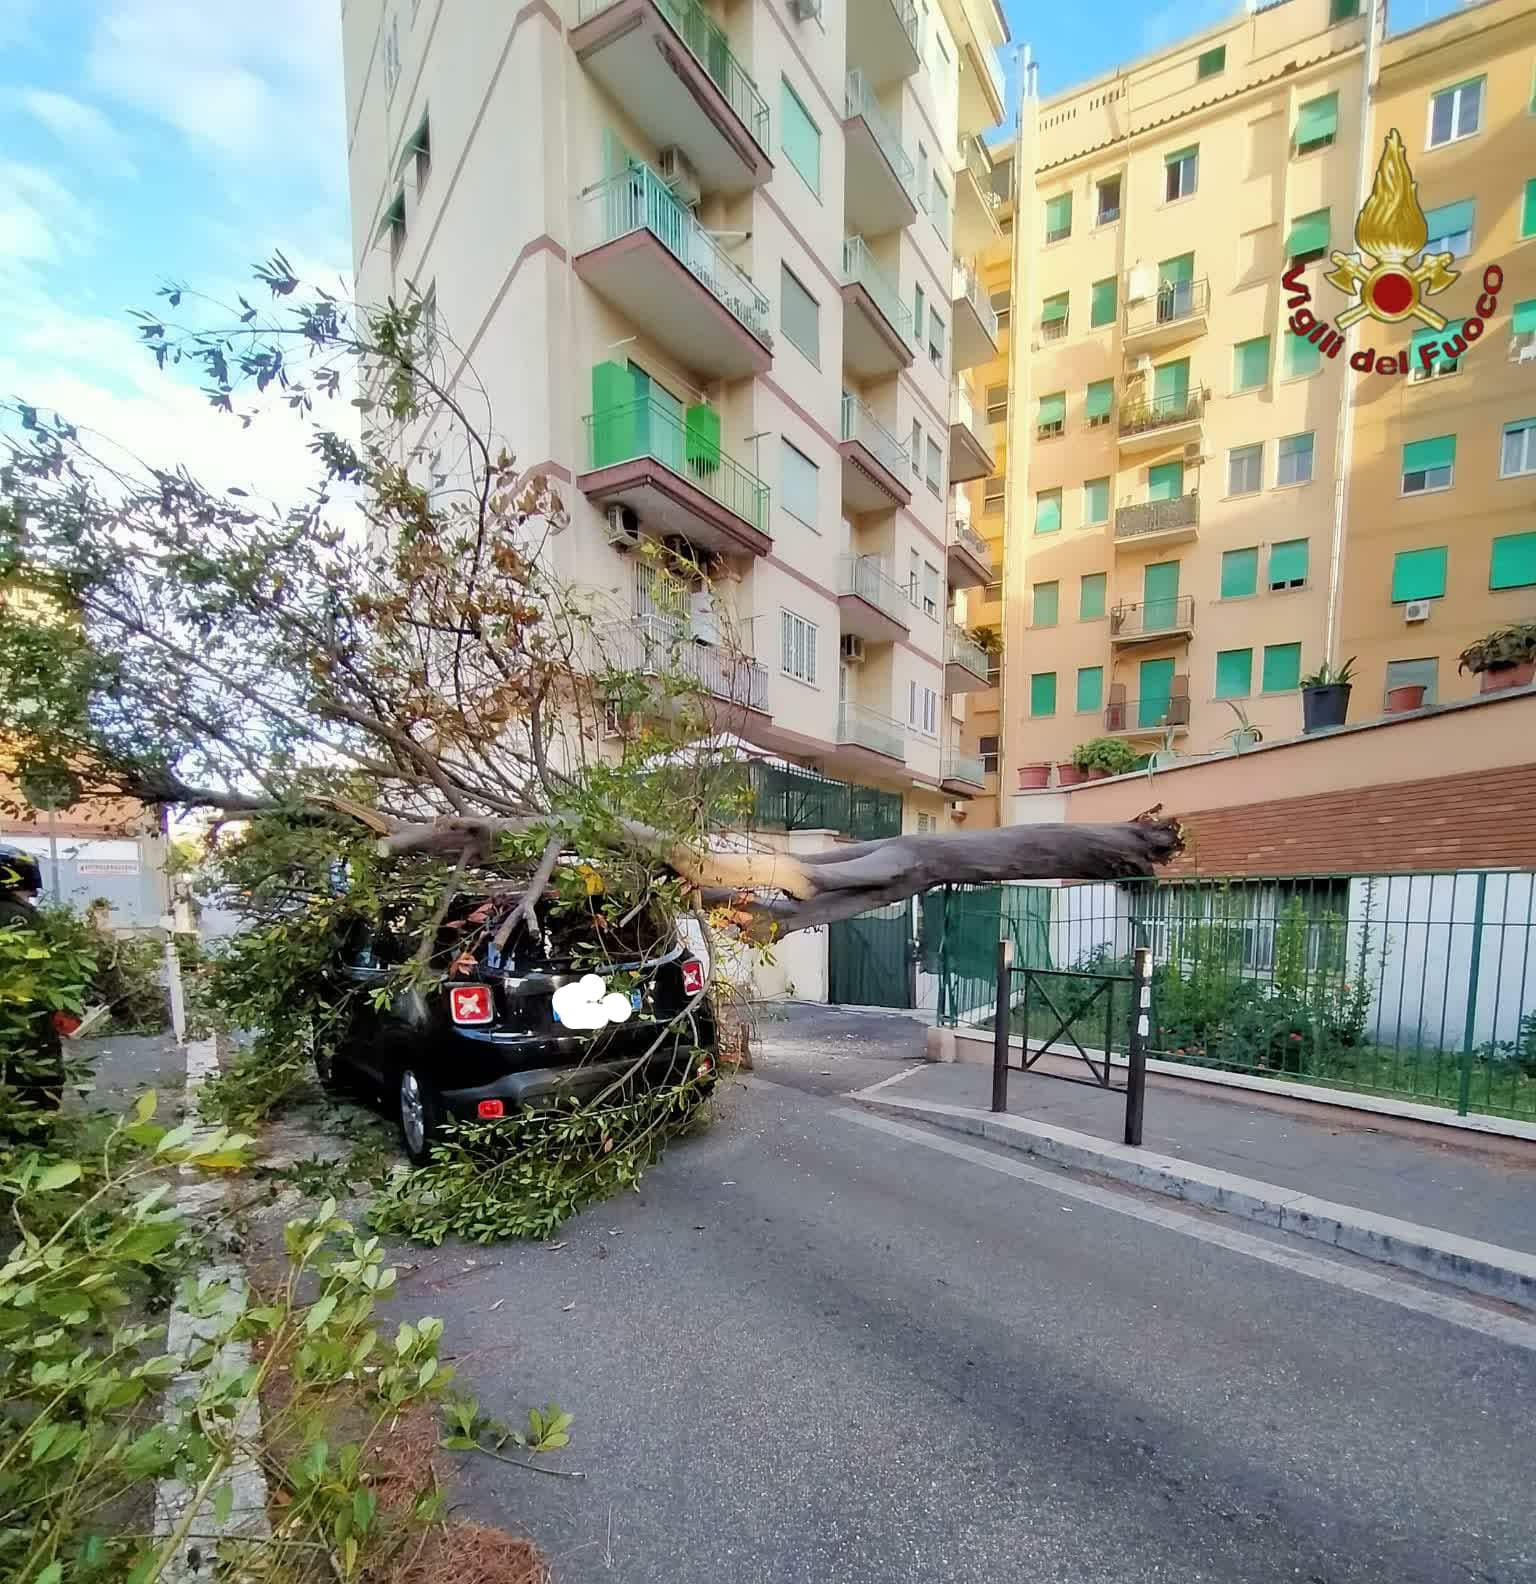 albero su auto crolalto